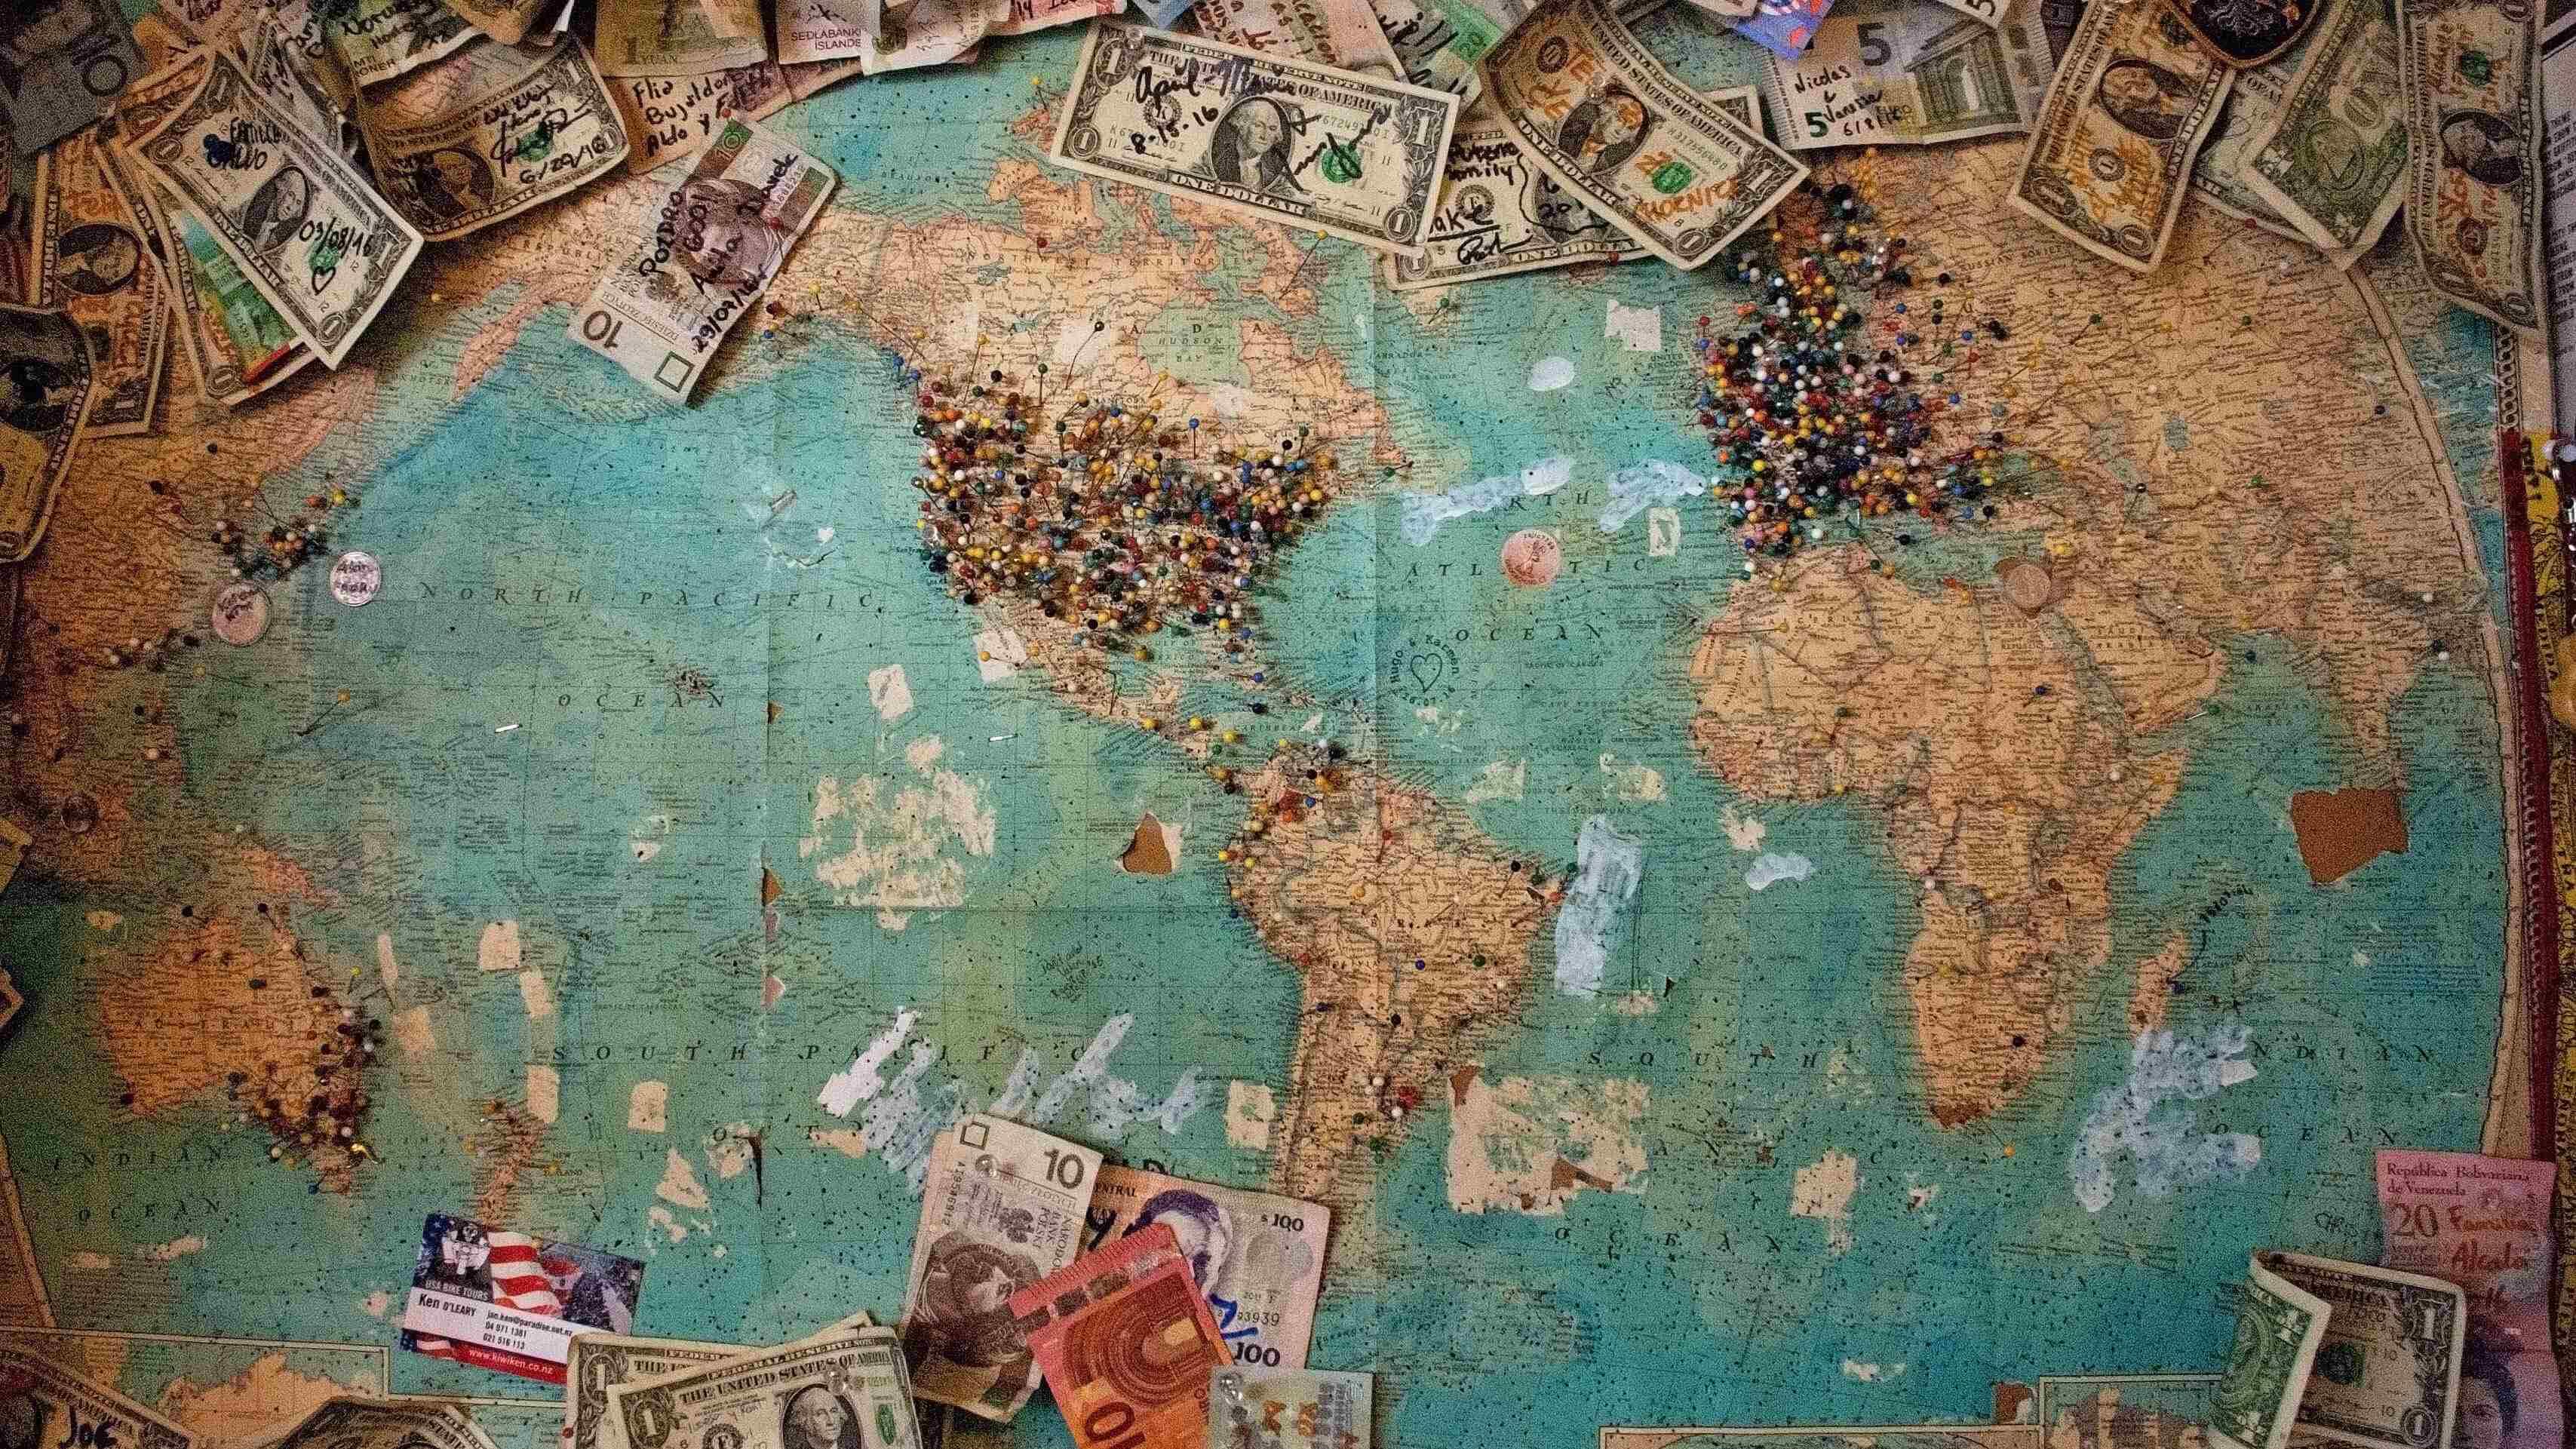 Mapa mundi com notas de dinheiro de vários países por cima